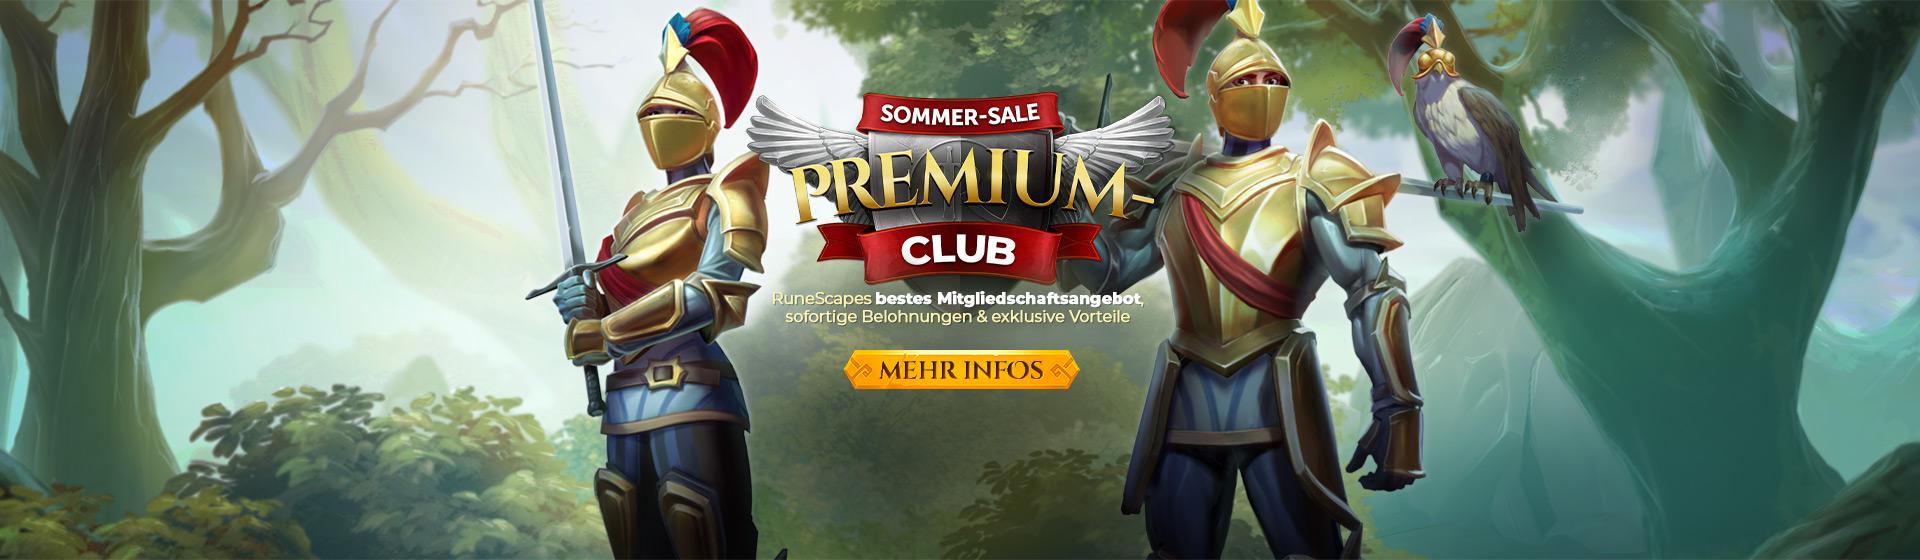 Premium-Club-Sommer-Sale